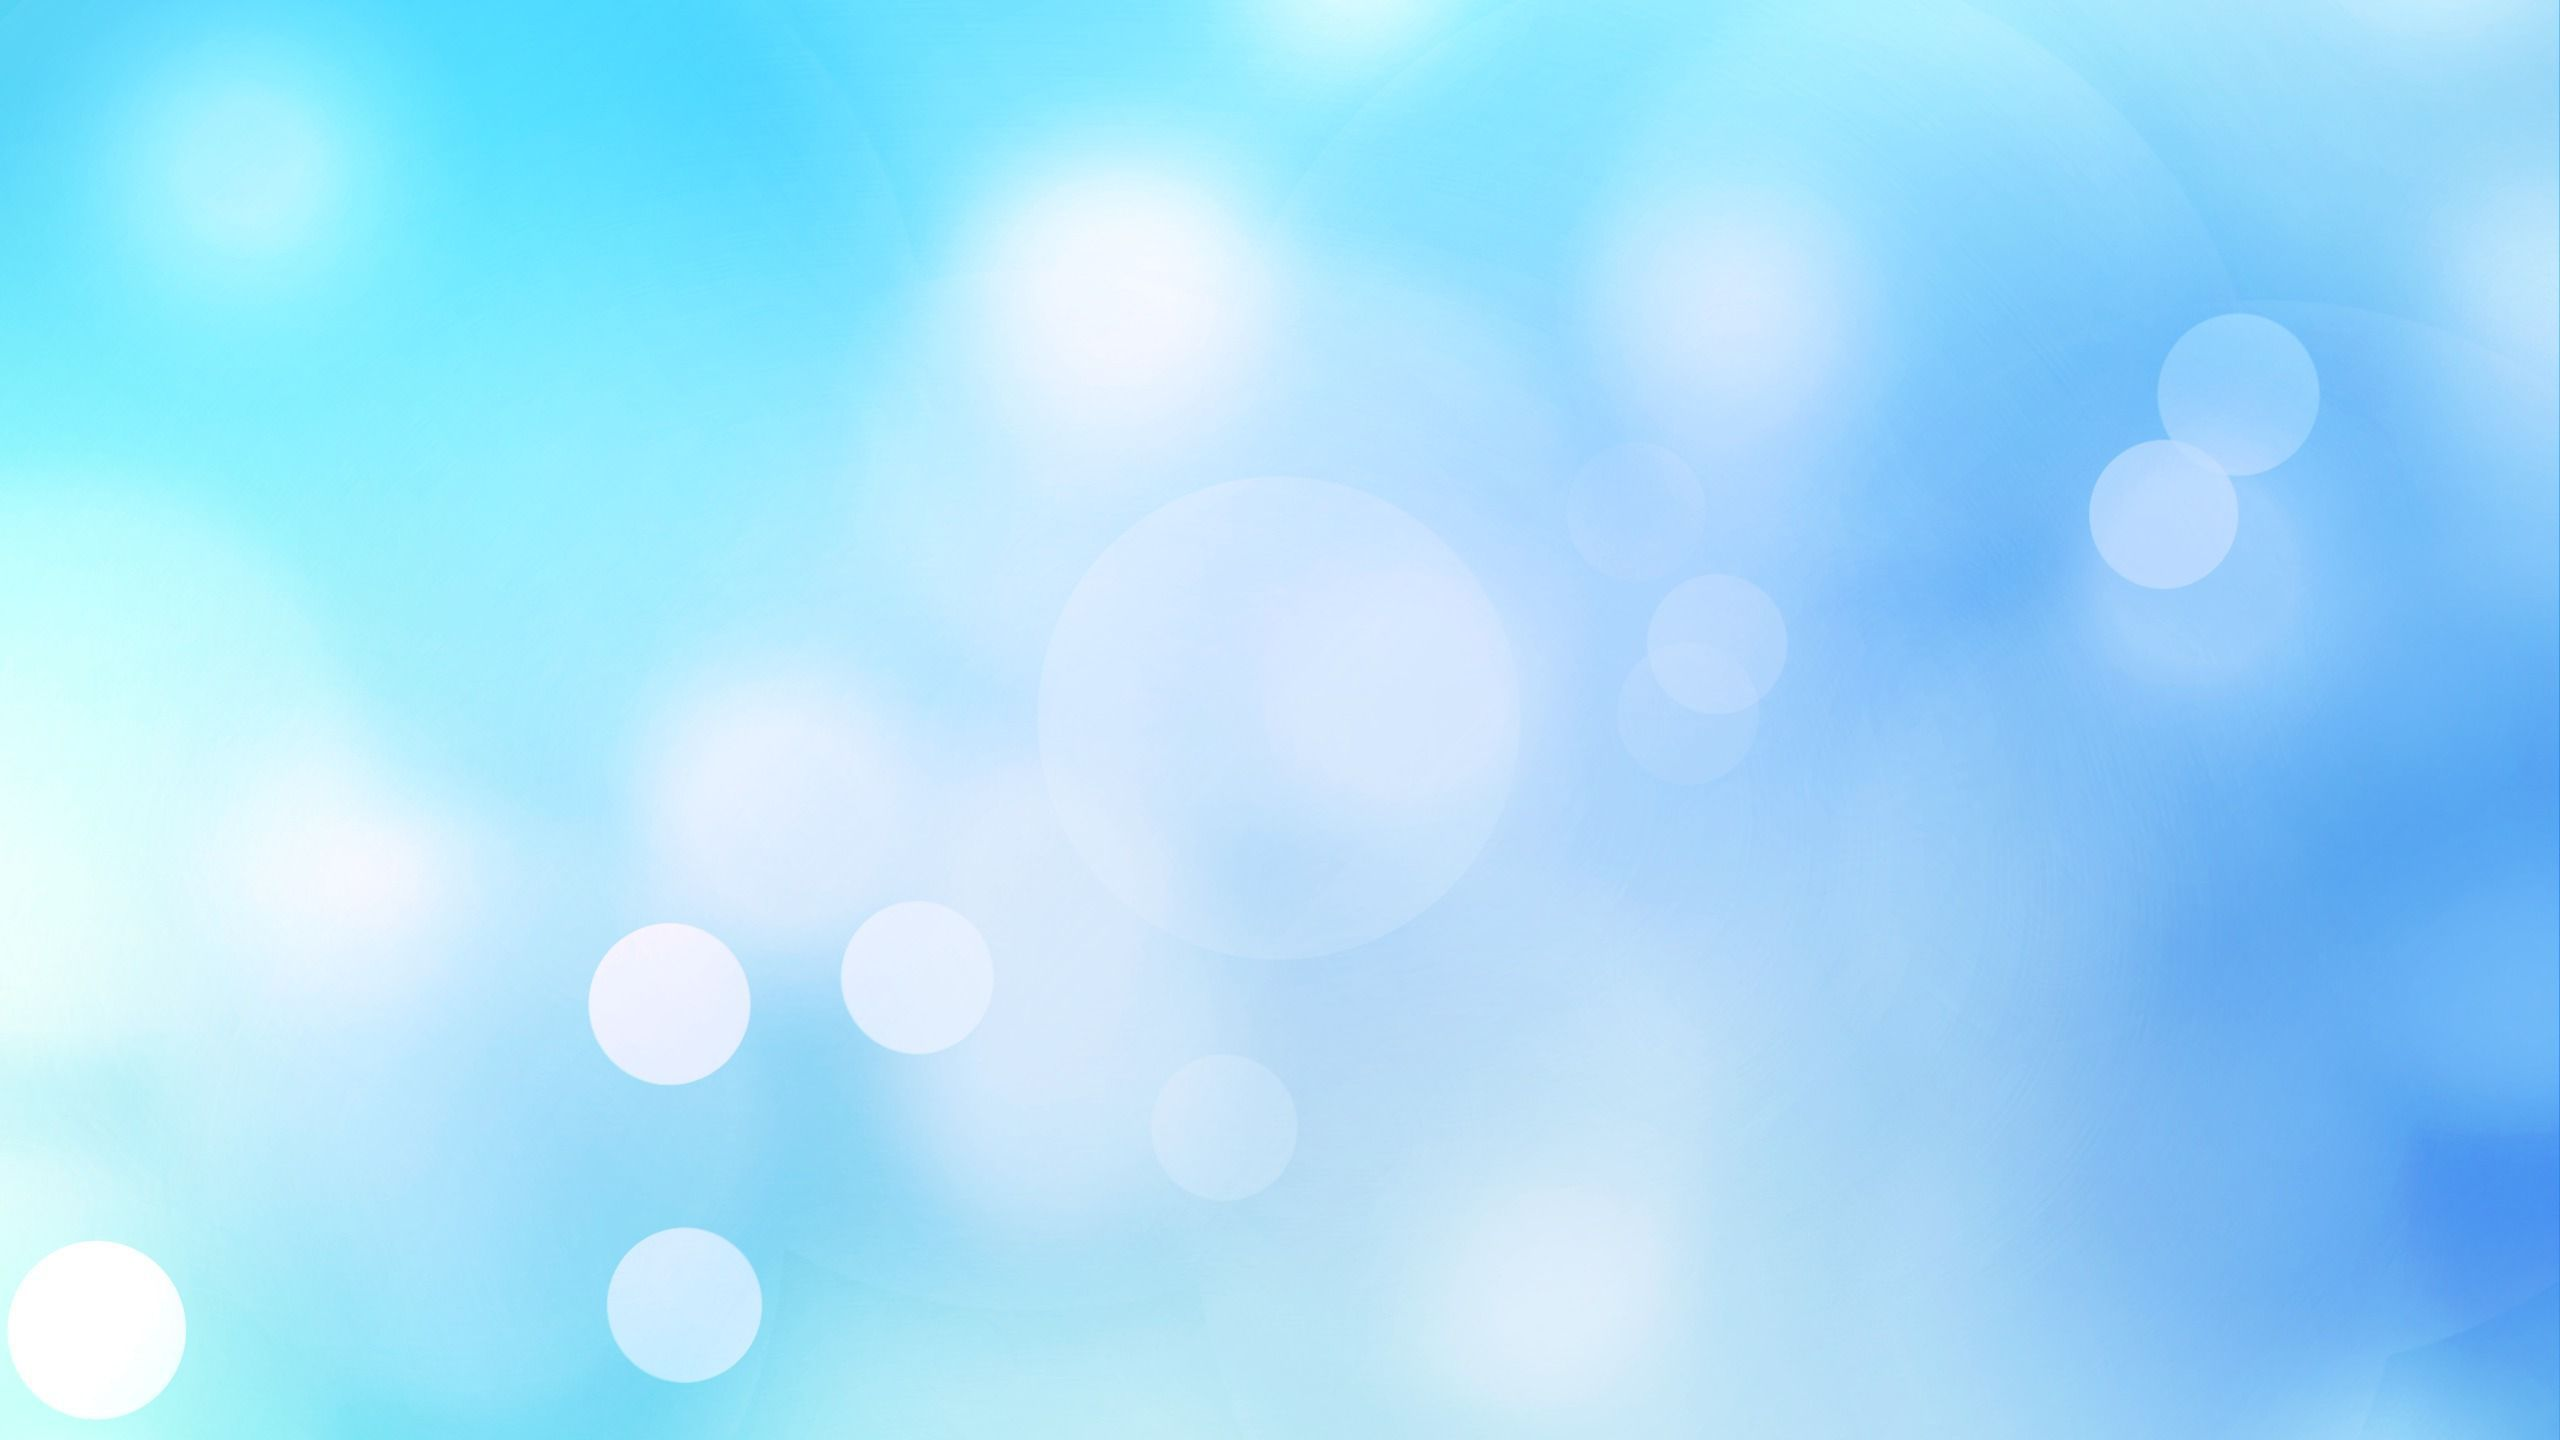 Light Color Wallpaper Hd